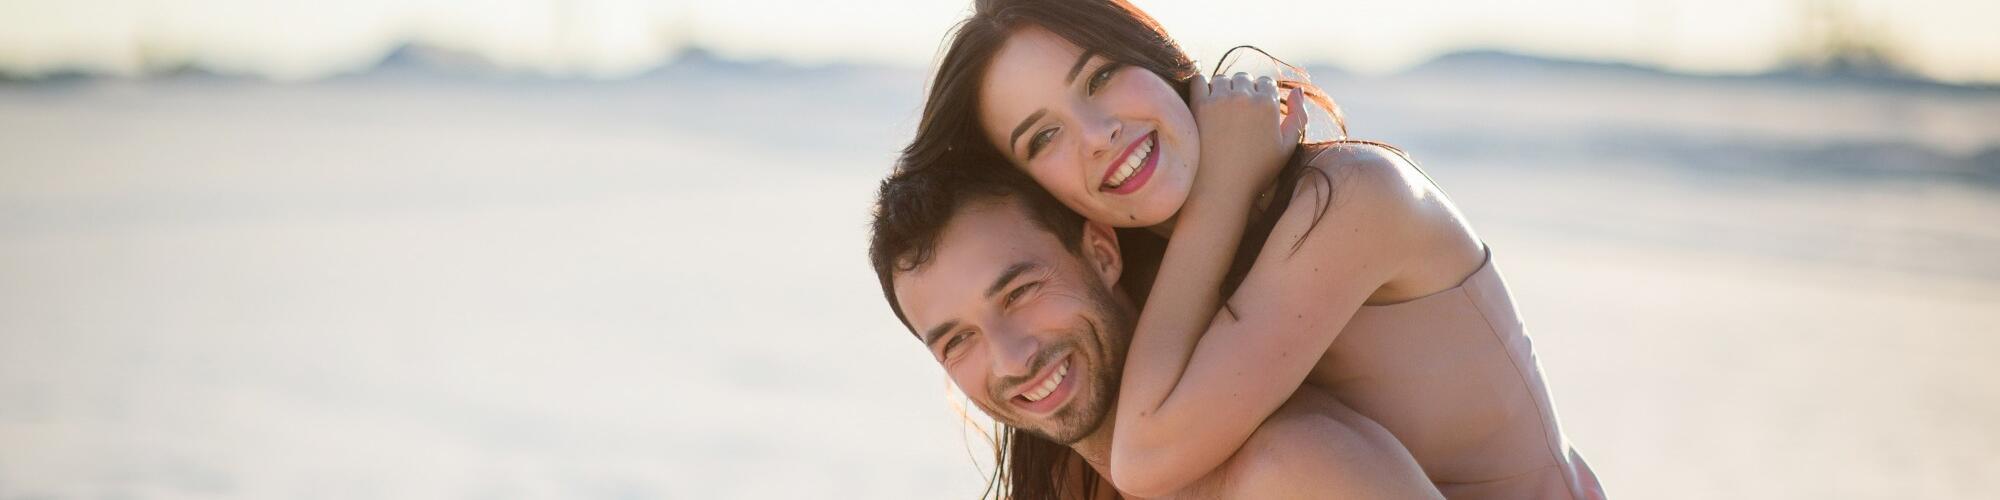 Giugno a Ischia in hotel per coppie: navette per spiaggia e piscine